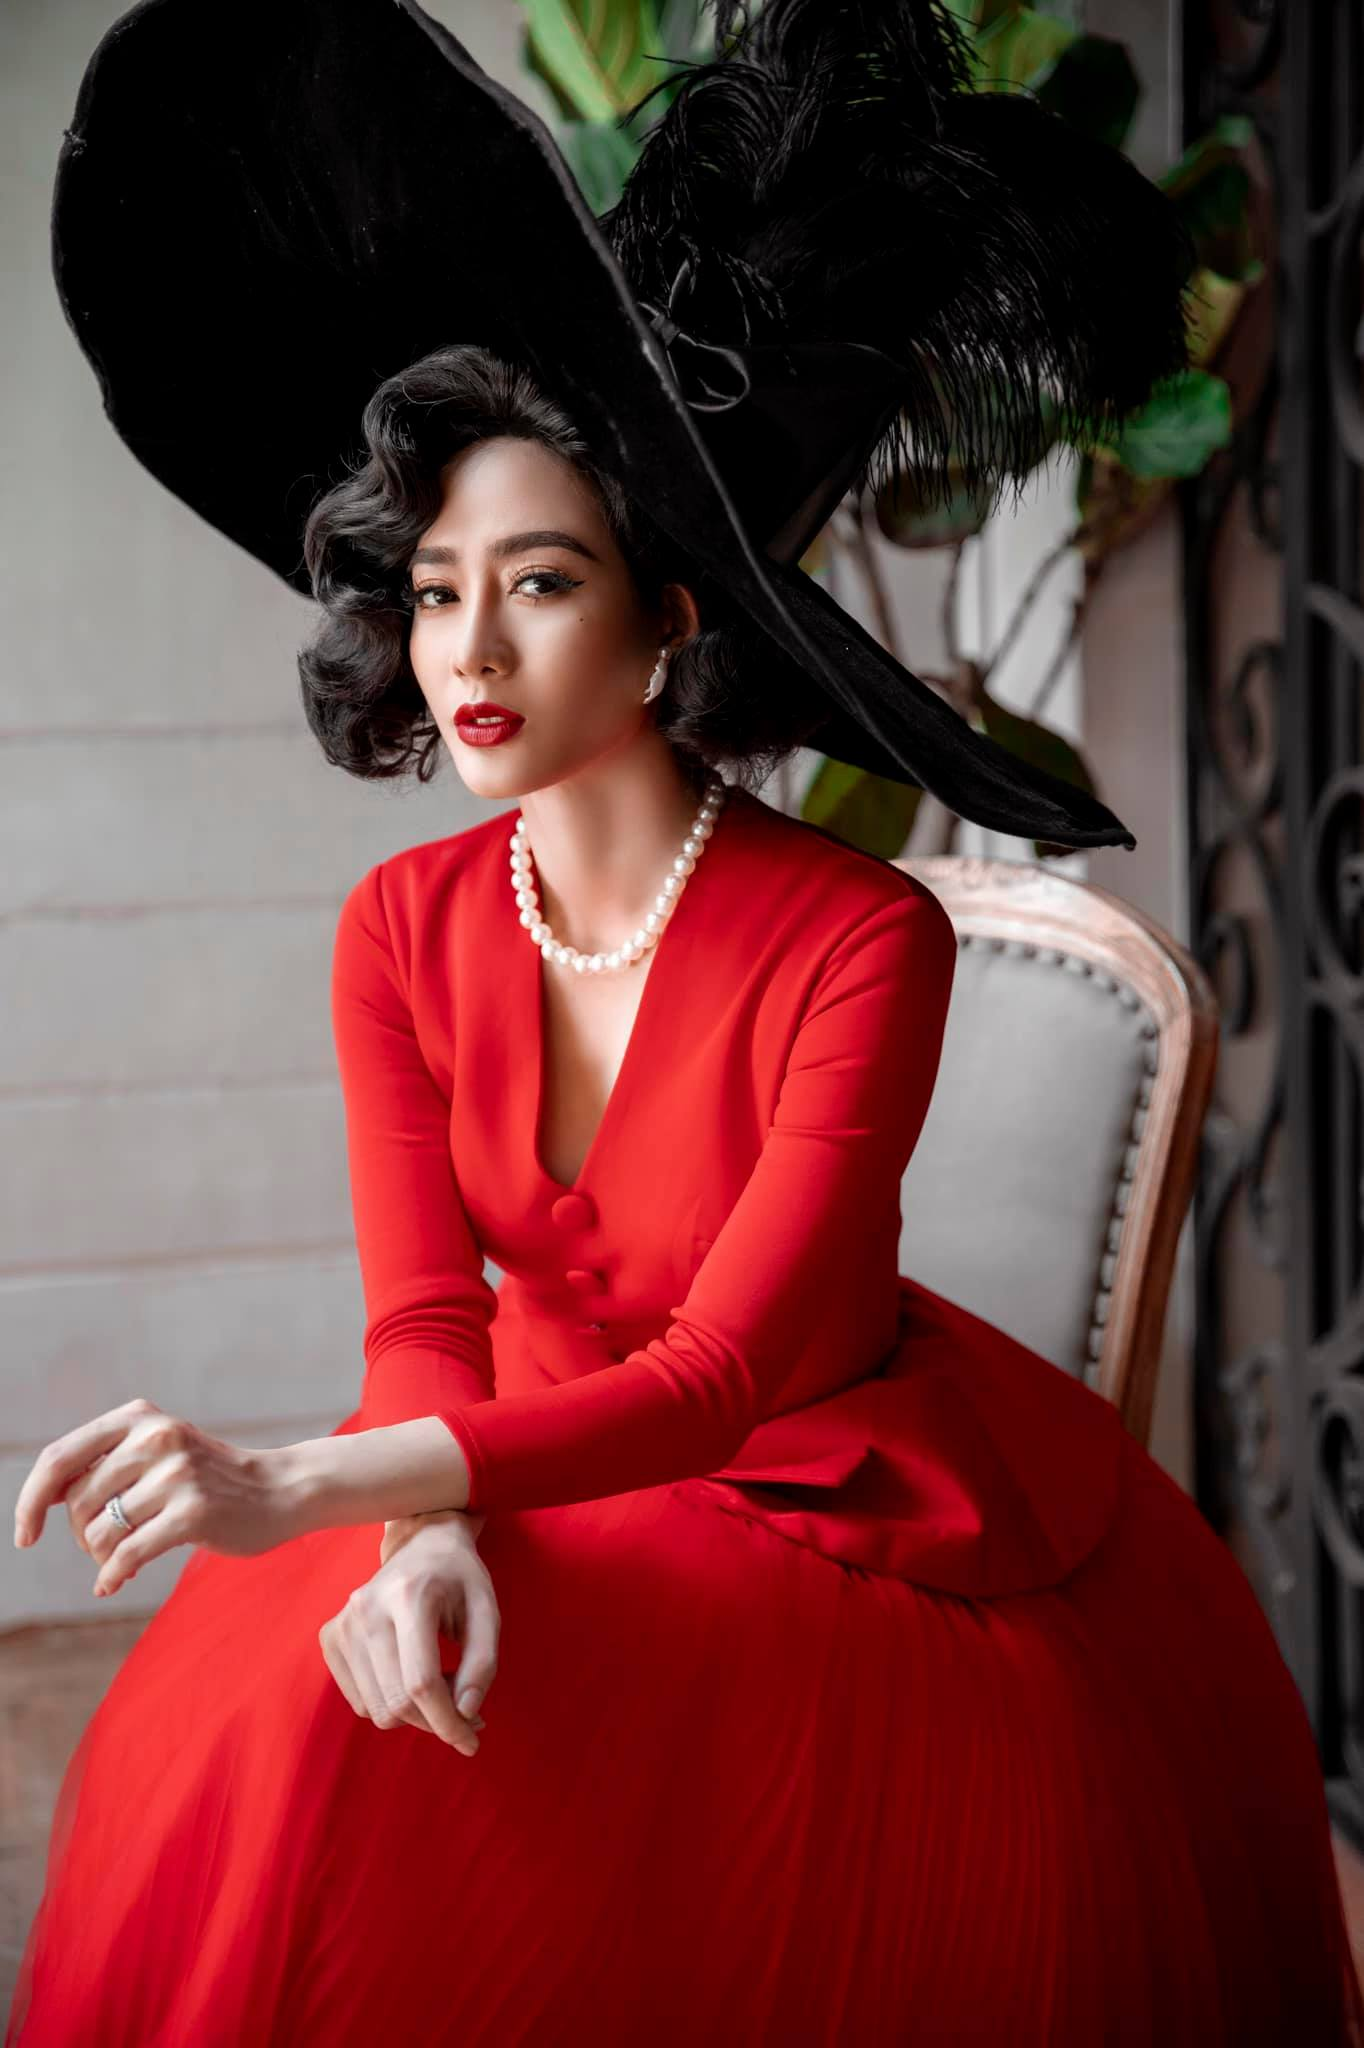 Diễn viên Kim Nhã: 'Là diễn viên nếu tránh vai diễn thì cơ hội được khán giả công nhận sẽ không còn' - Ảnh 3